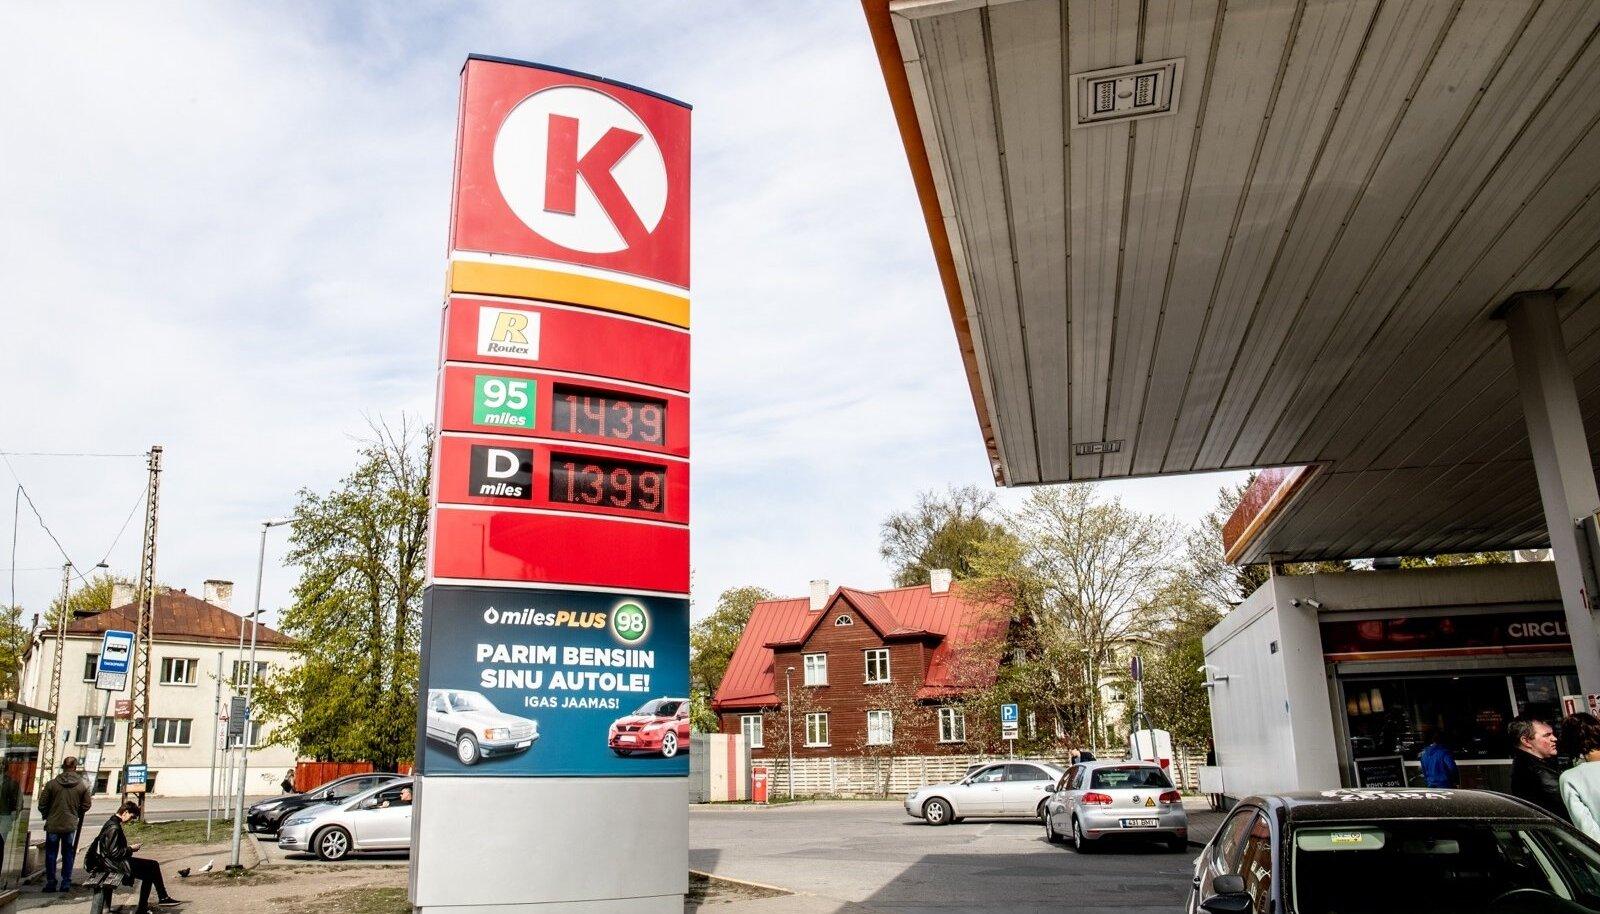 Kütusehinnad tanklates 30.04